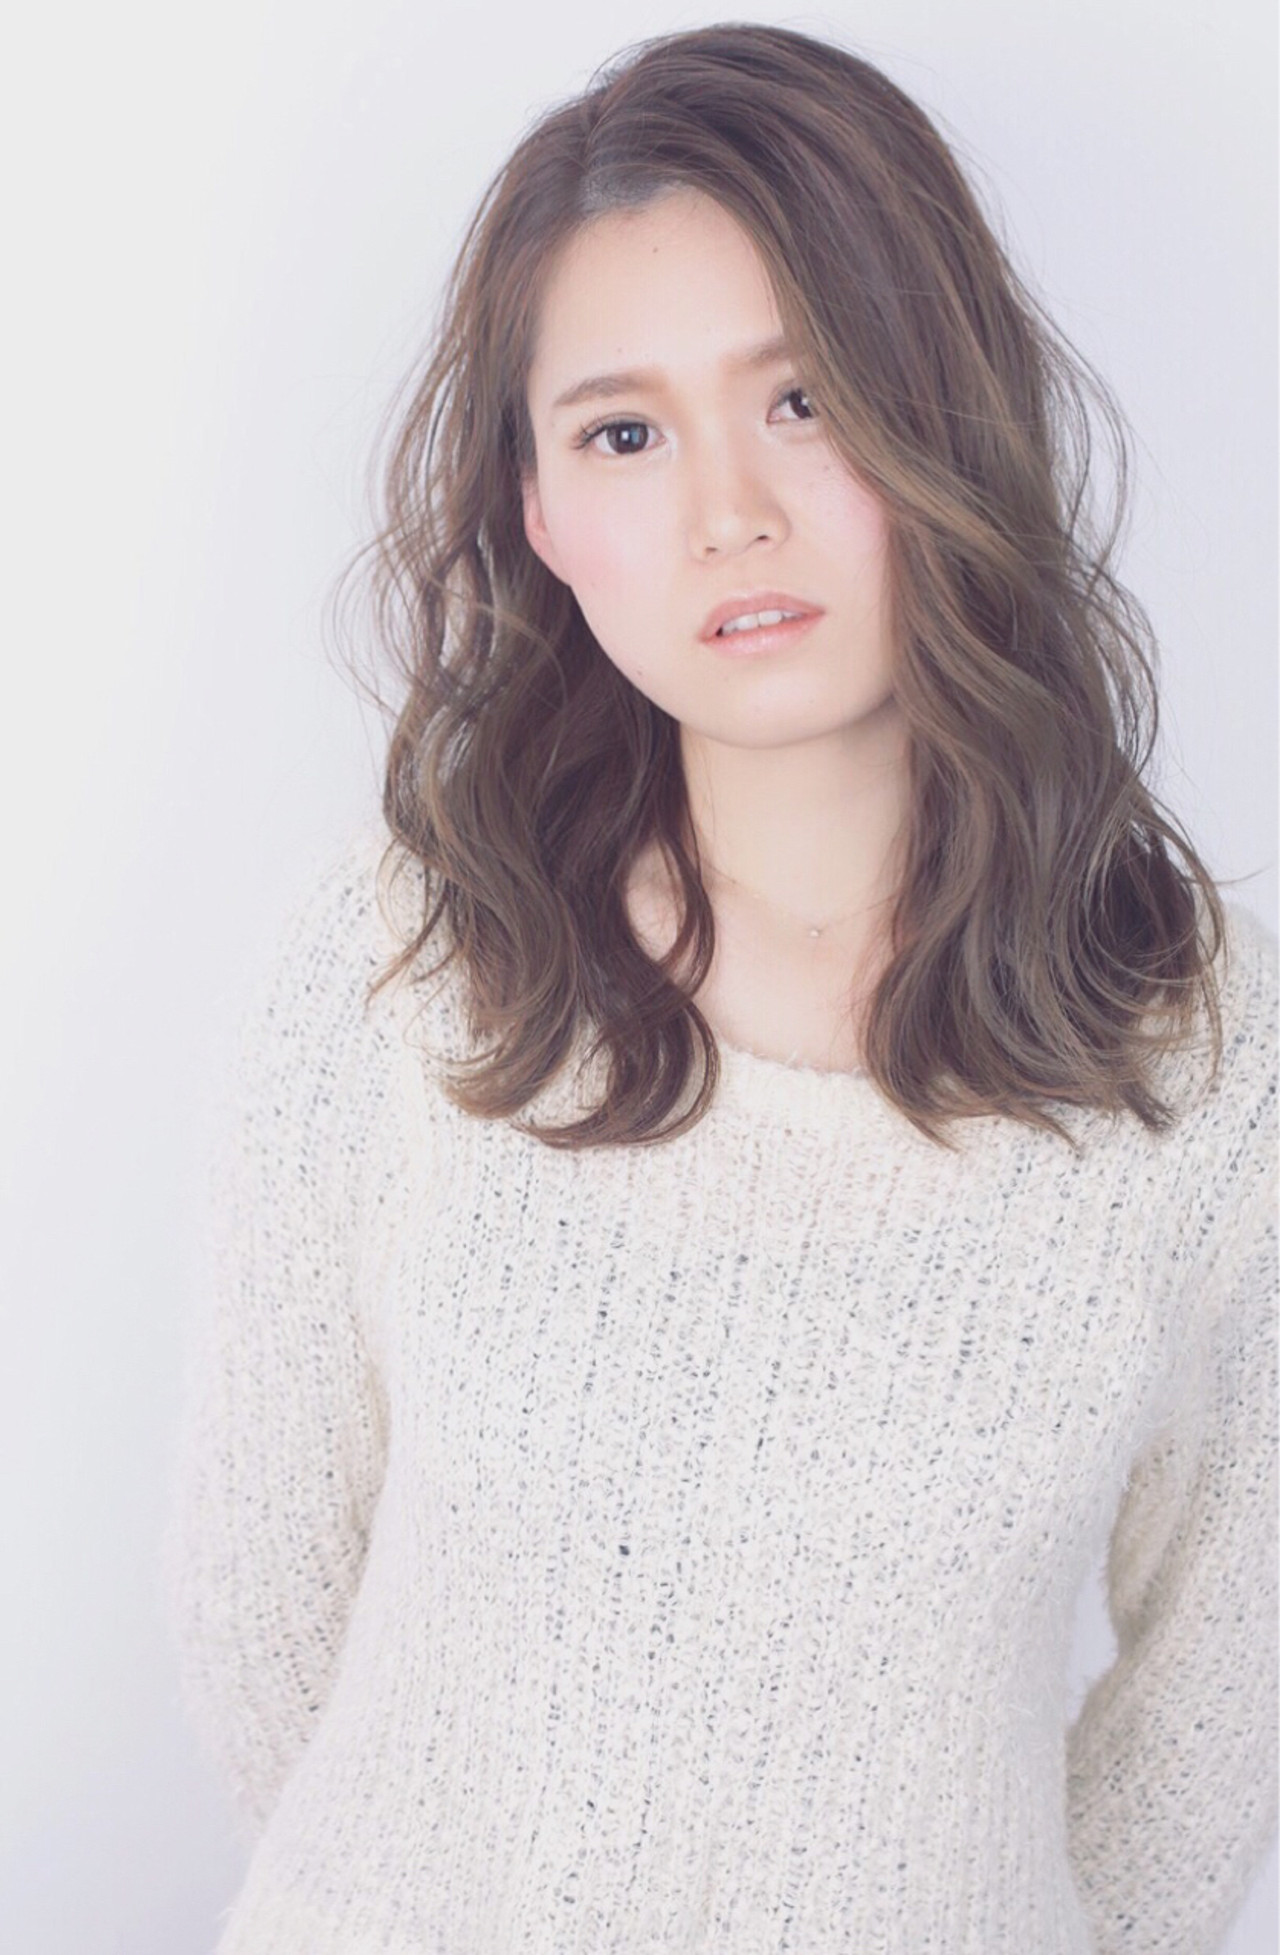 大人女子 小顔 ミルクティー フェミニン ヘアスタイルや髪型の写真・画像